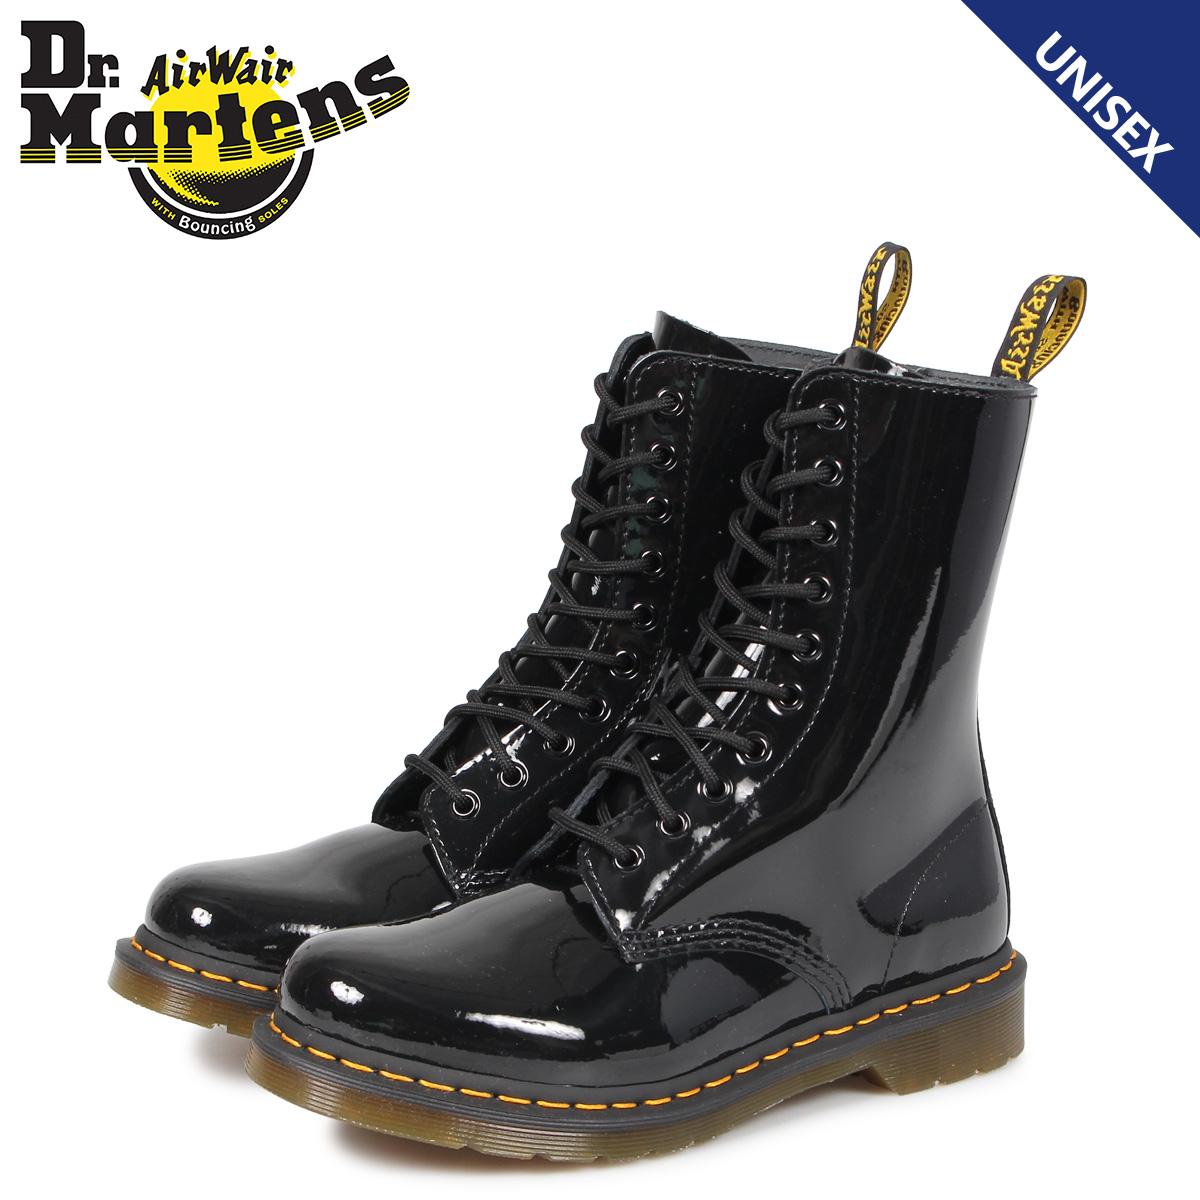 【送料無料】 【あす楽対応】 【21.5cm-28cm】 ドクターマーチン Dr.Martens 1490 10EYE ワークブーツ 靴 【最大2000円OFFクーポン】 ドクターマーチン Dr.Martens 10ホール 1490 W ブーツ メンズ レディース PATENT LAMPER 10EYE BOOT ブラック 黒 R25277001